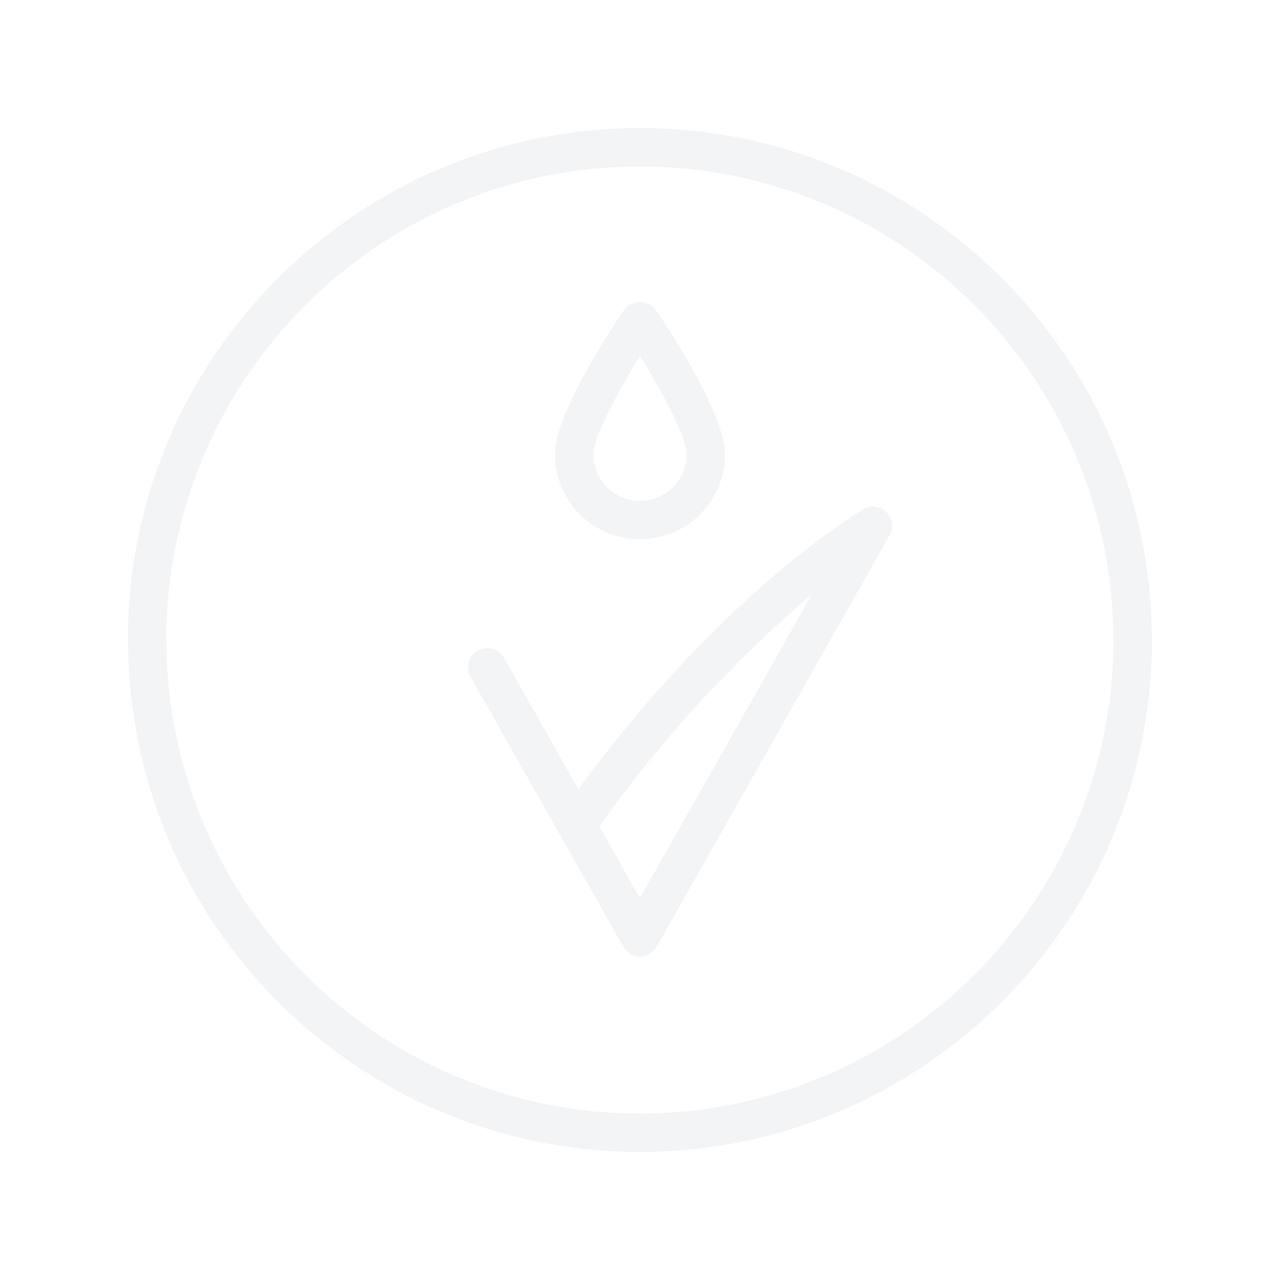 IDUN Minerals Pressed Finishing Powder 3.5g